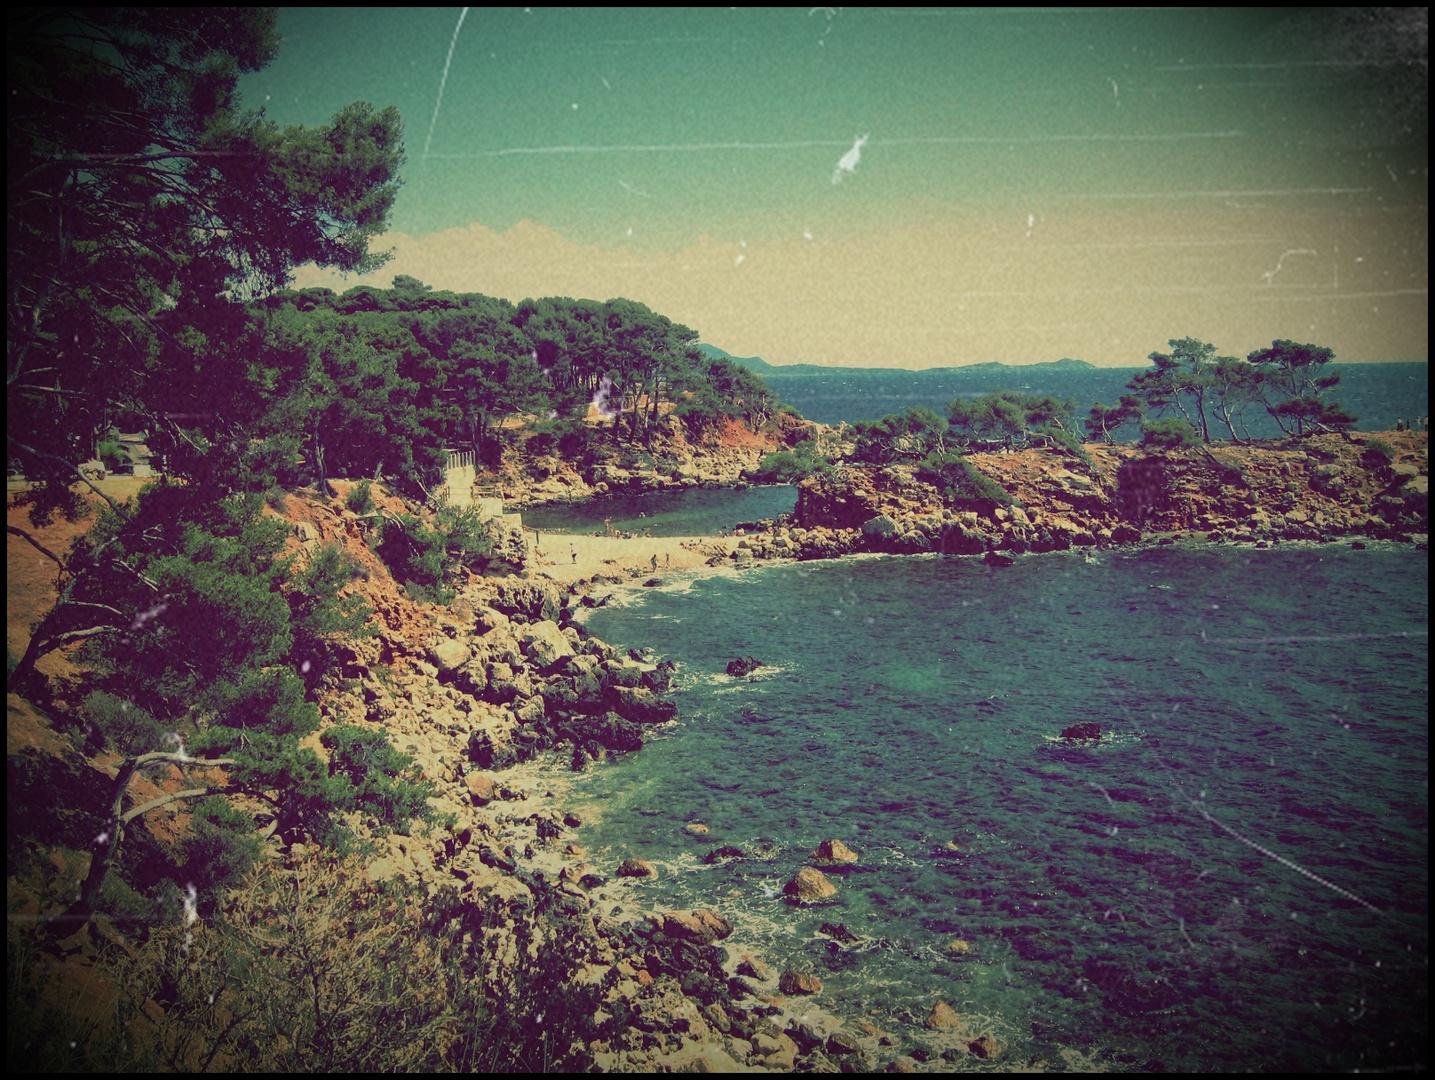 Un paradis sur Terre.